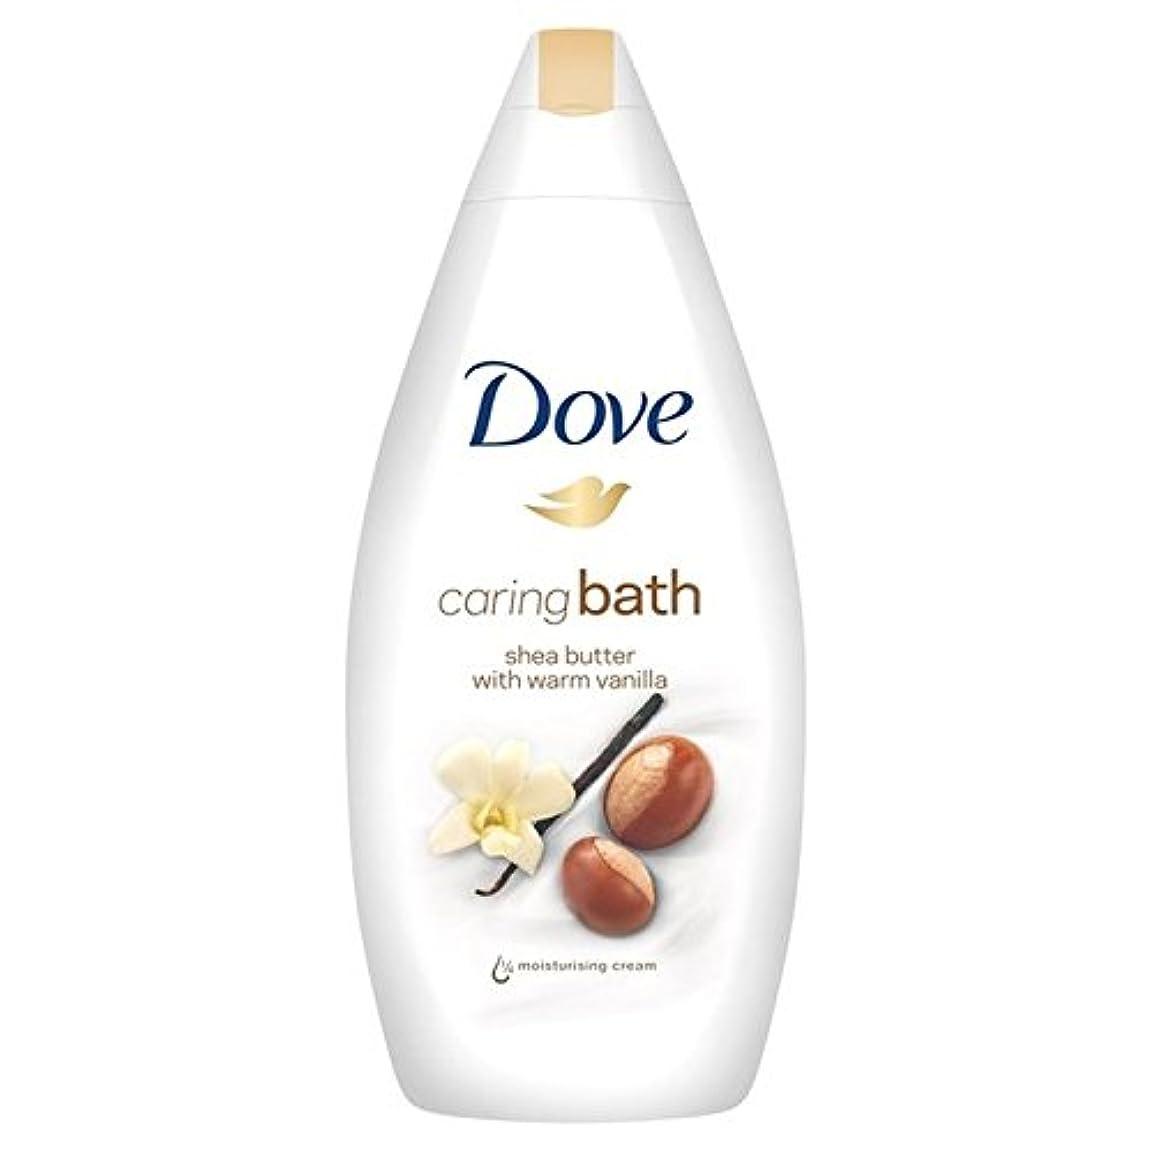 予防接種ソーシャル日常的にDove Purely Pampering Shea Butter Caring Cream Bath 500ml - 鳩純粋な贅沢シアバター思いやりのあるクリームバス500ミリリットル [並行輸入品]